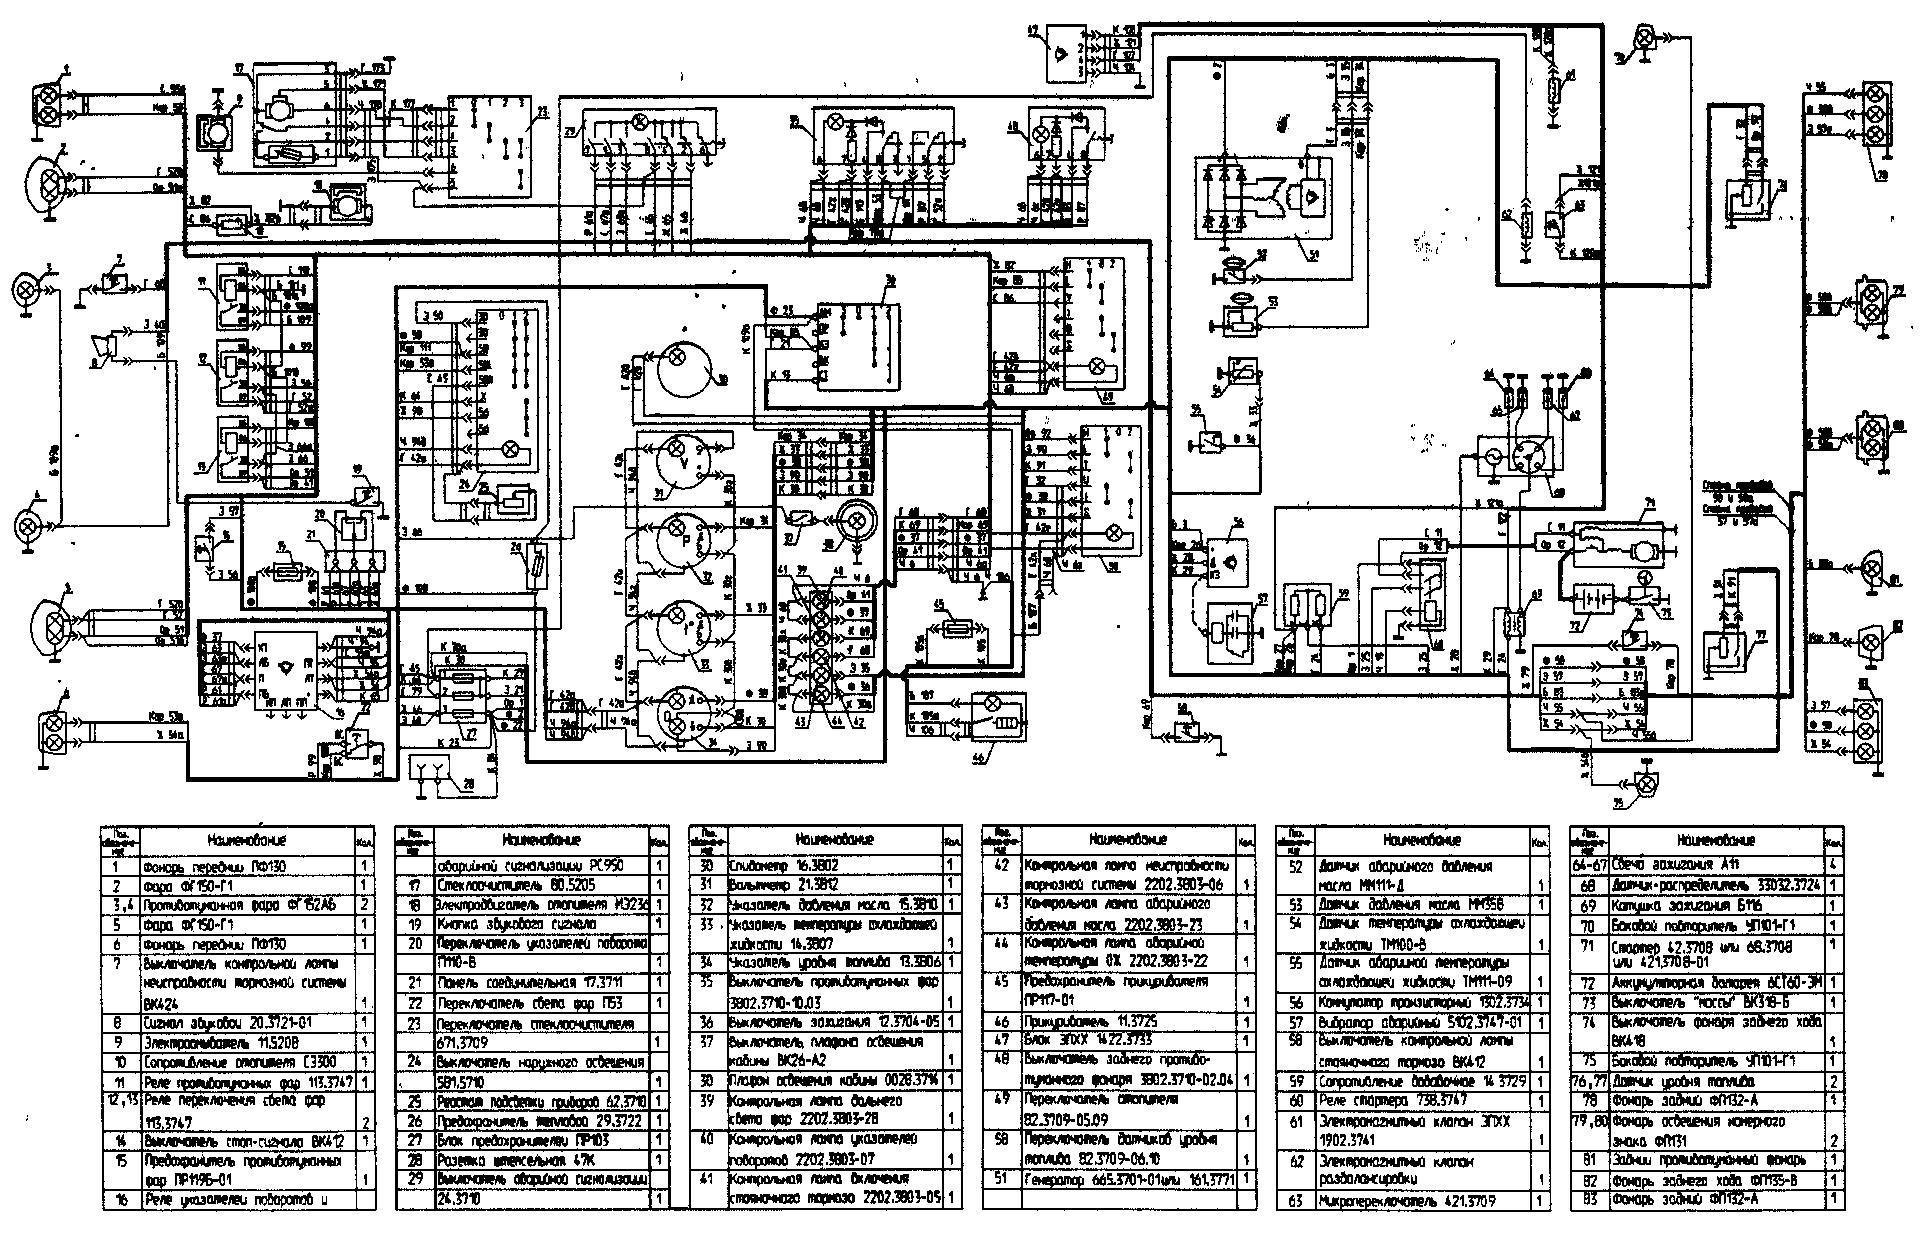 Схема электрооборудования автомобиля УАЗ-39095 без многофункциональных подрулевых переключателей